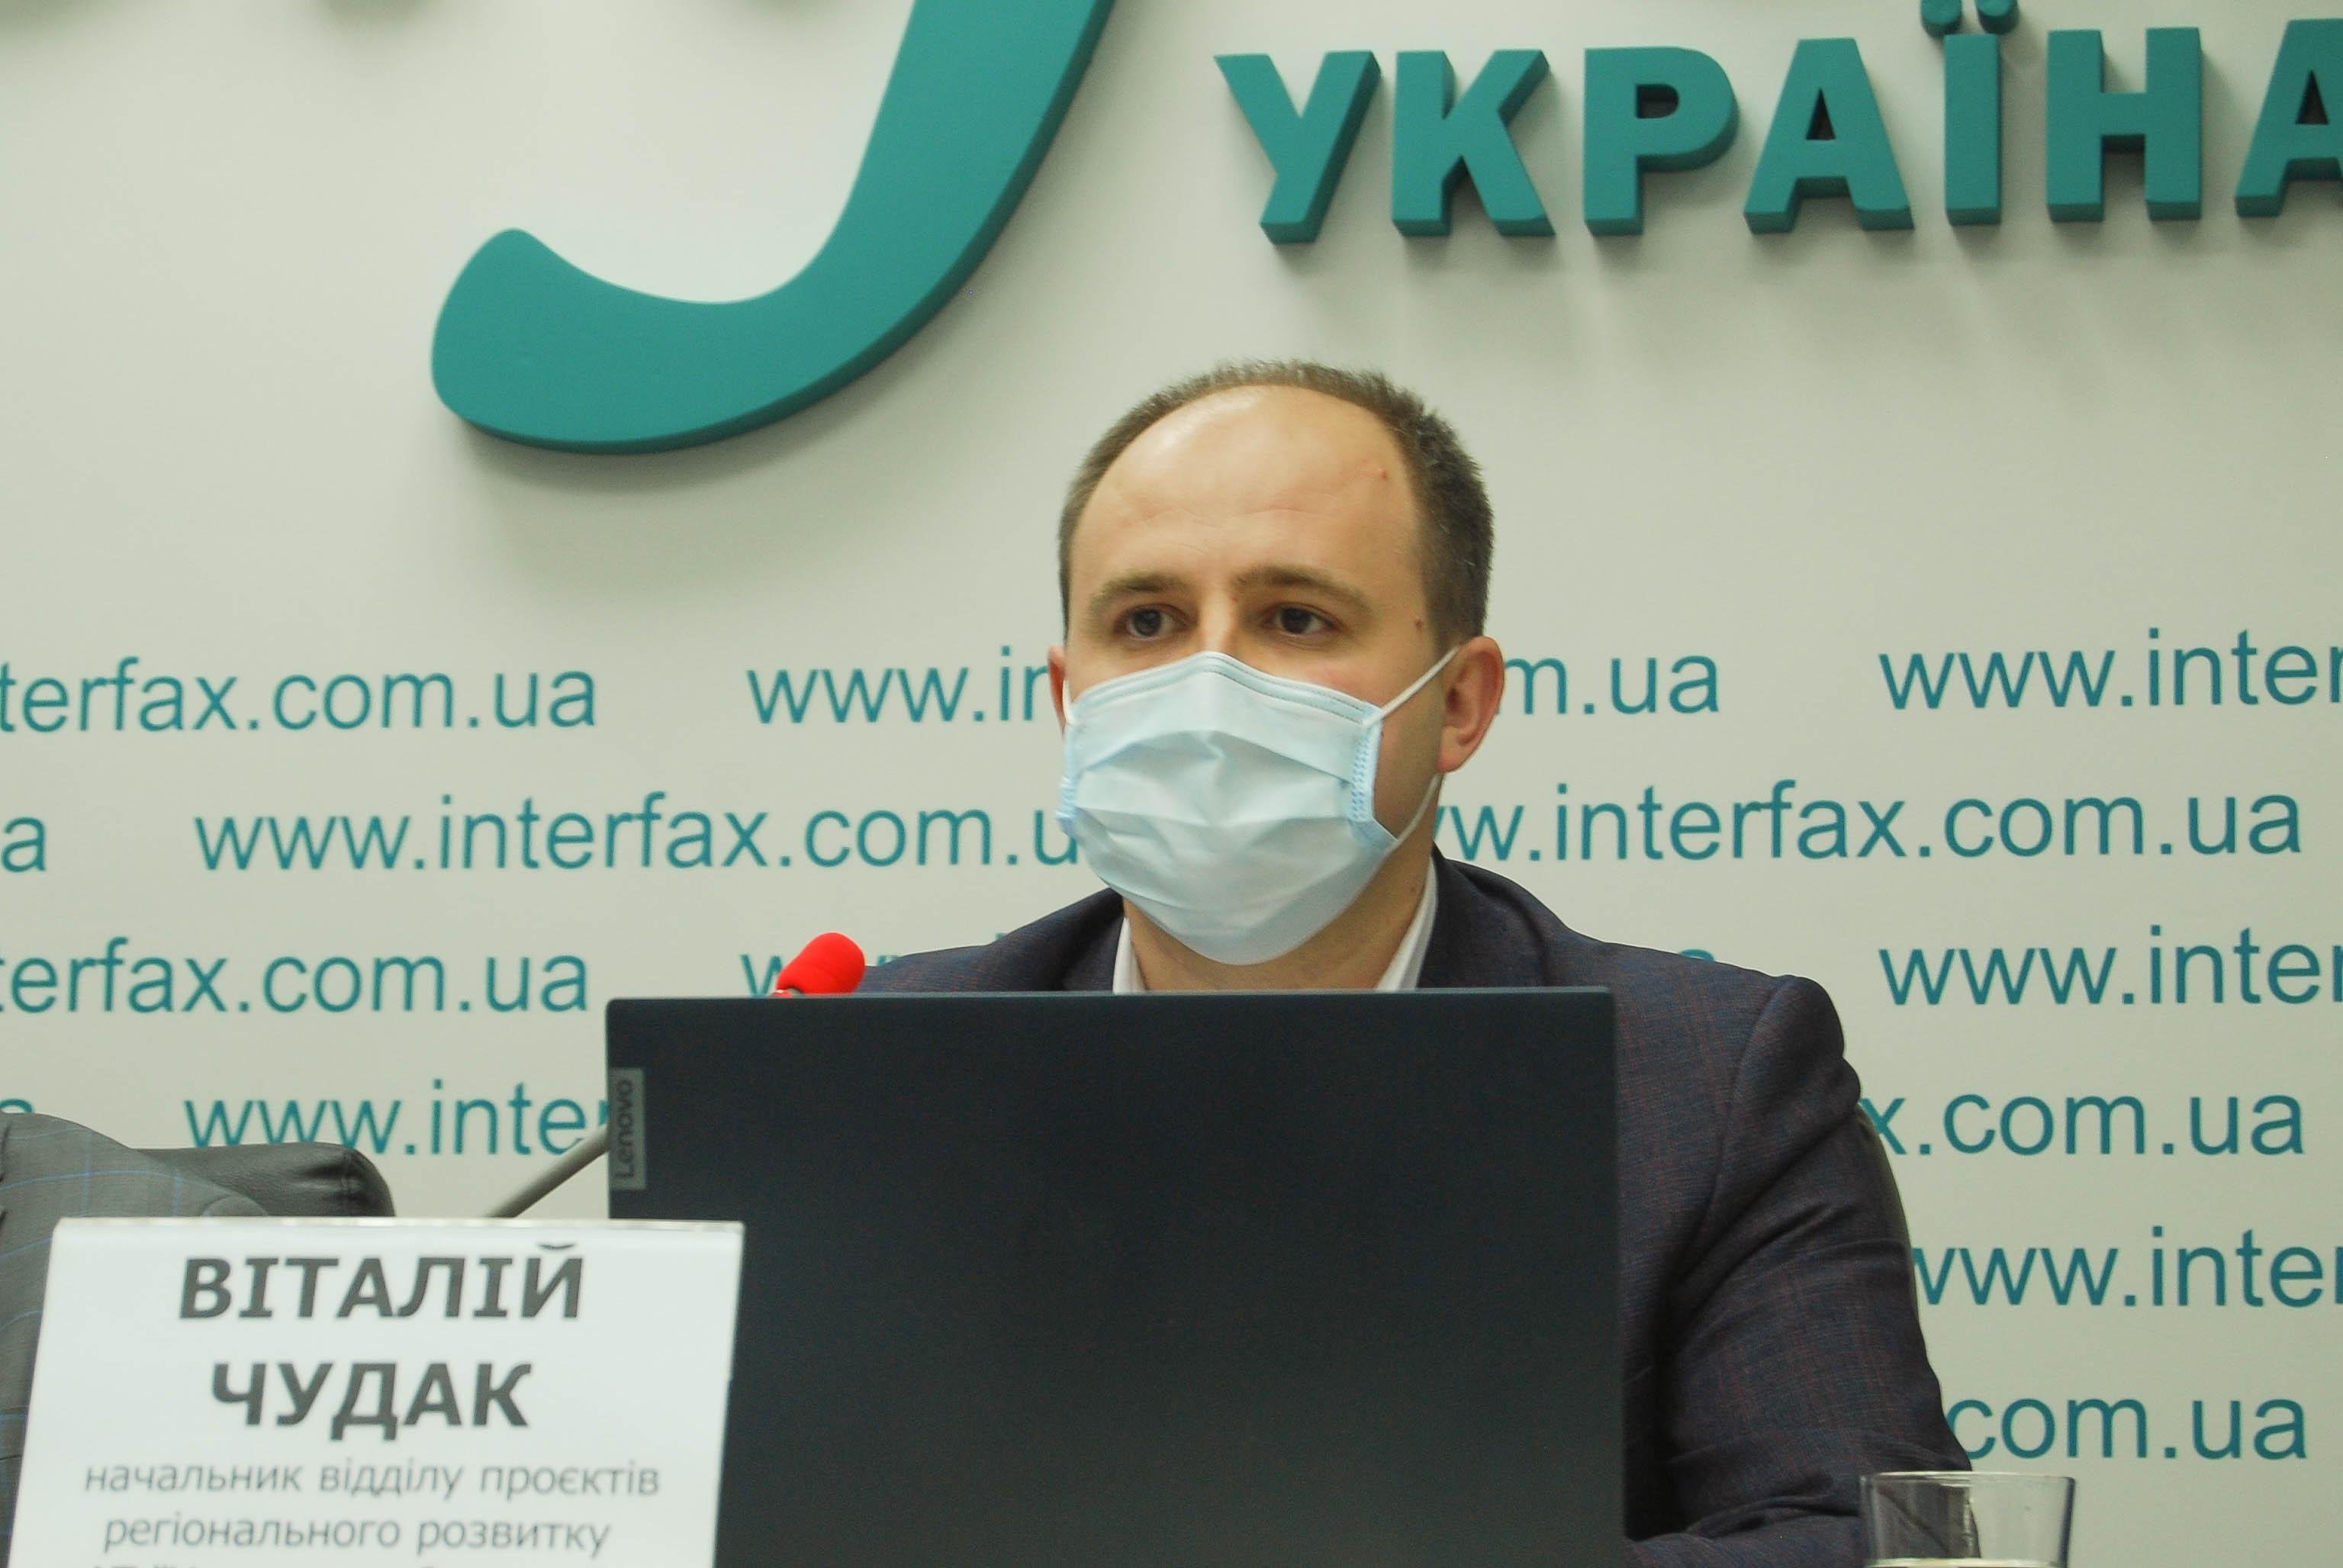 Віталій Чудак.jpg